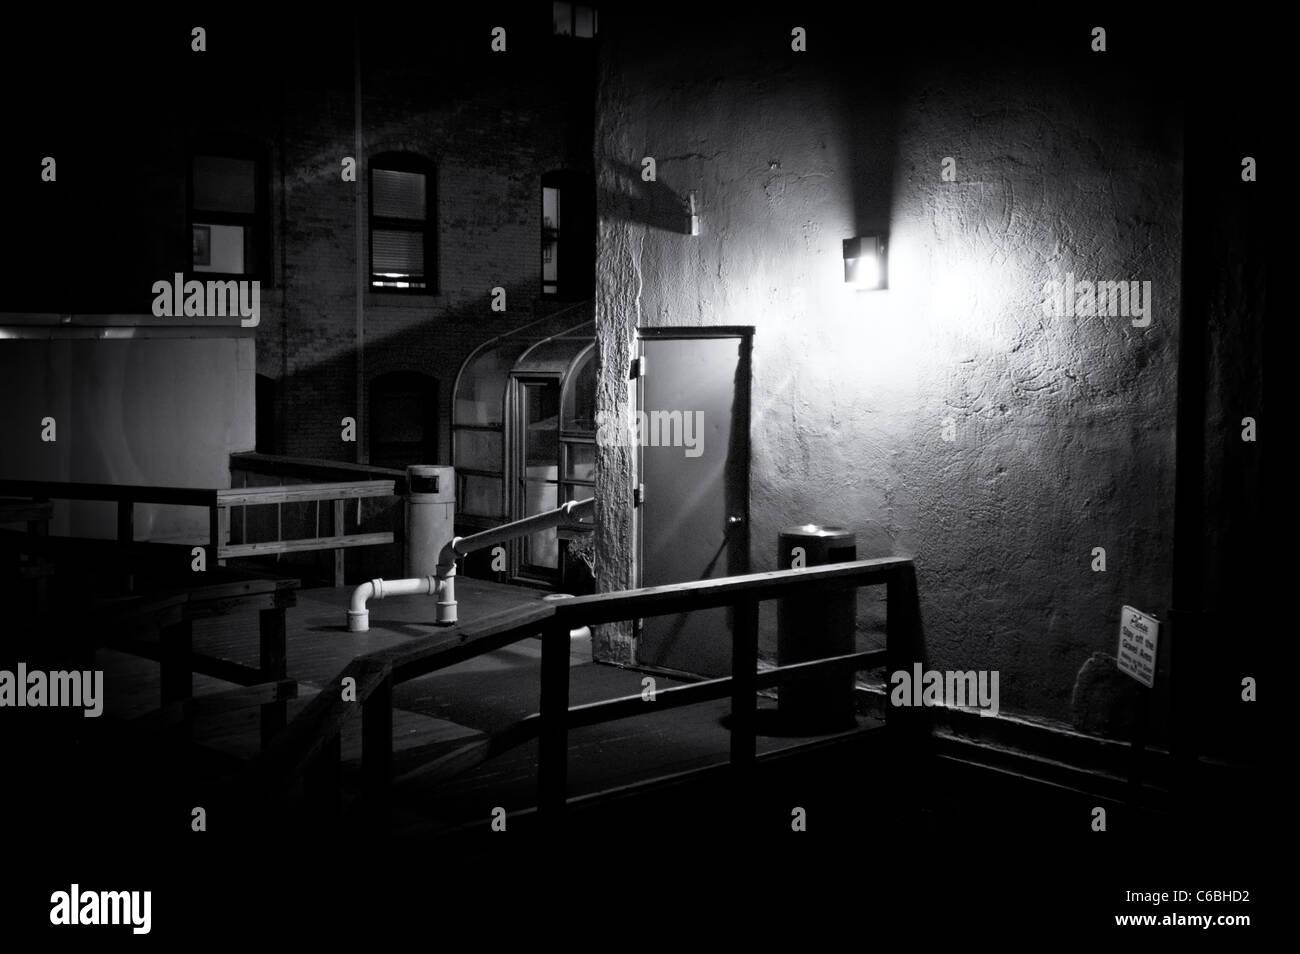 Imagen En Blanco Y Negro Oscuro De Un Edificio Terraza Por